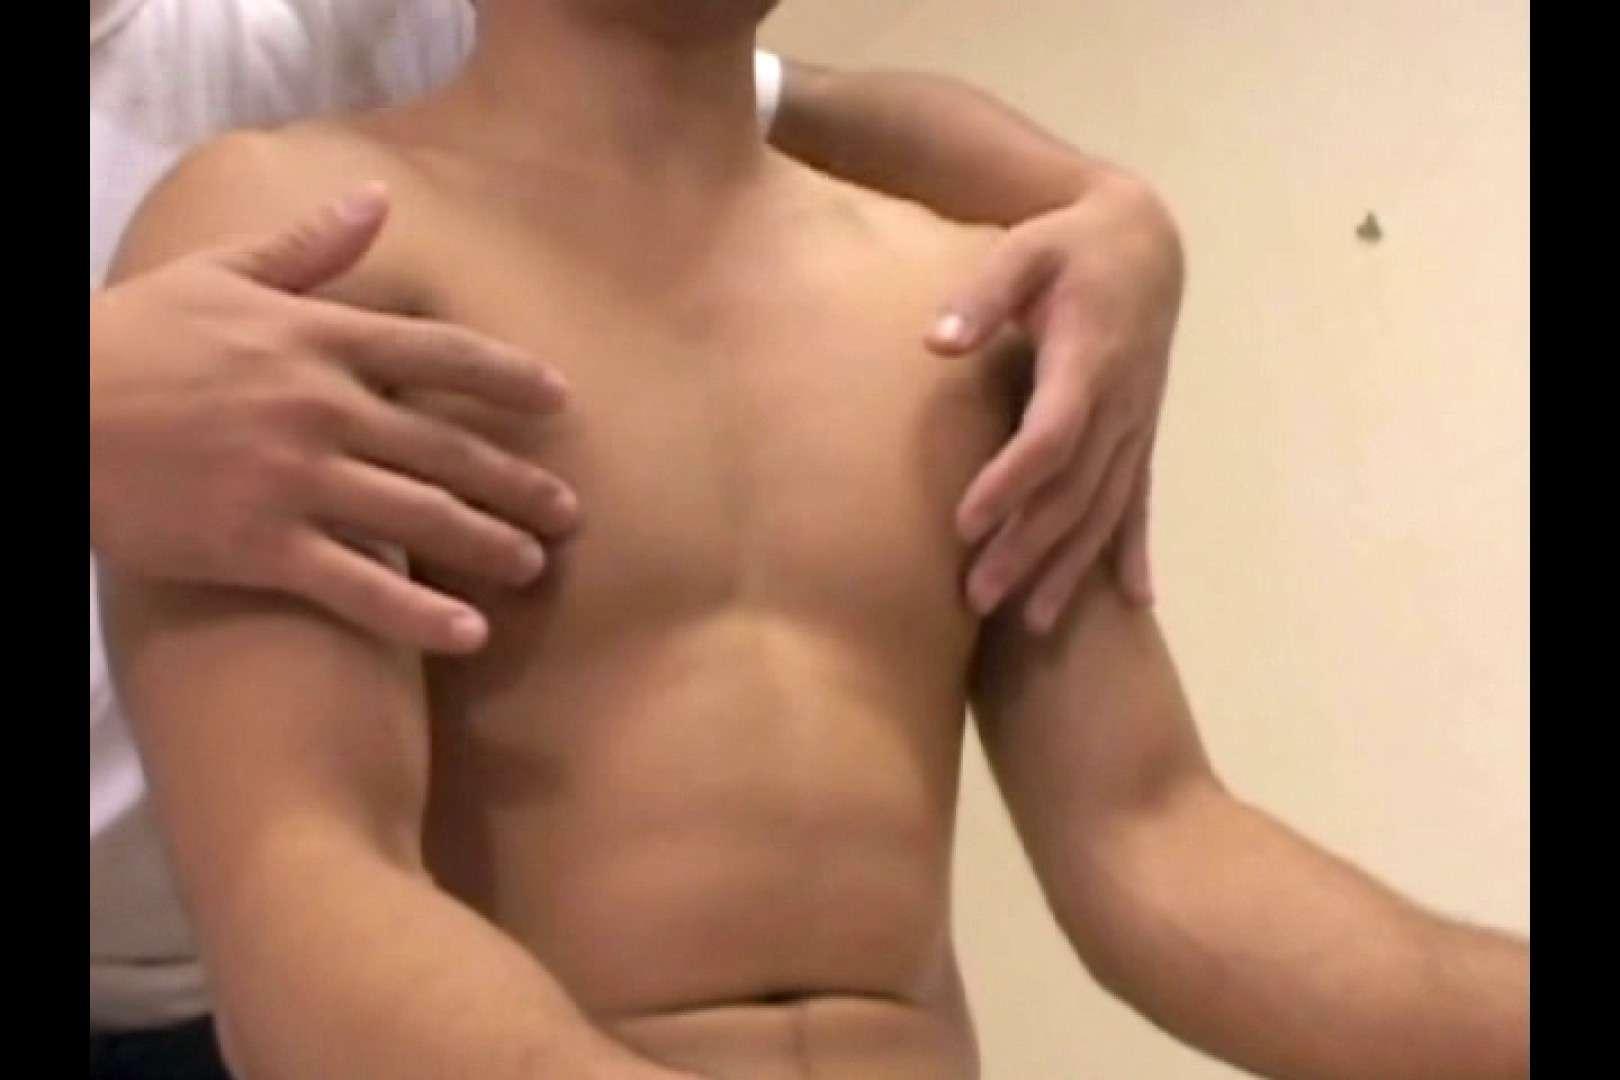 ノンケさんいらっしゃーい前編 ノンケ達のセックス   男の世界  103画像 5